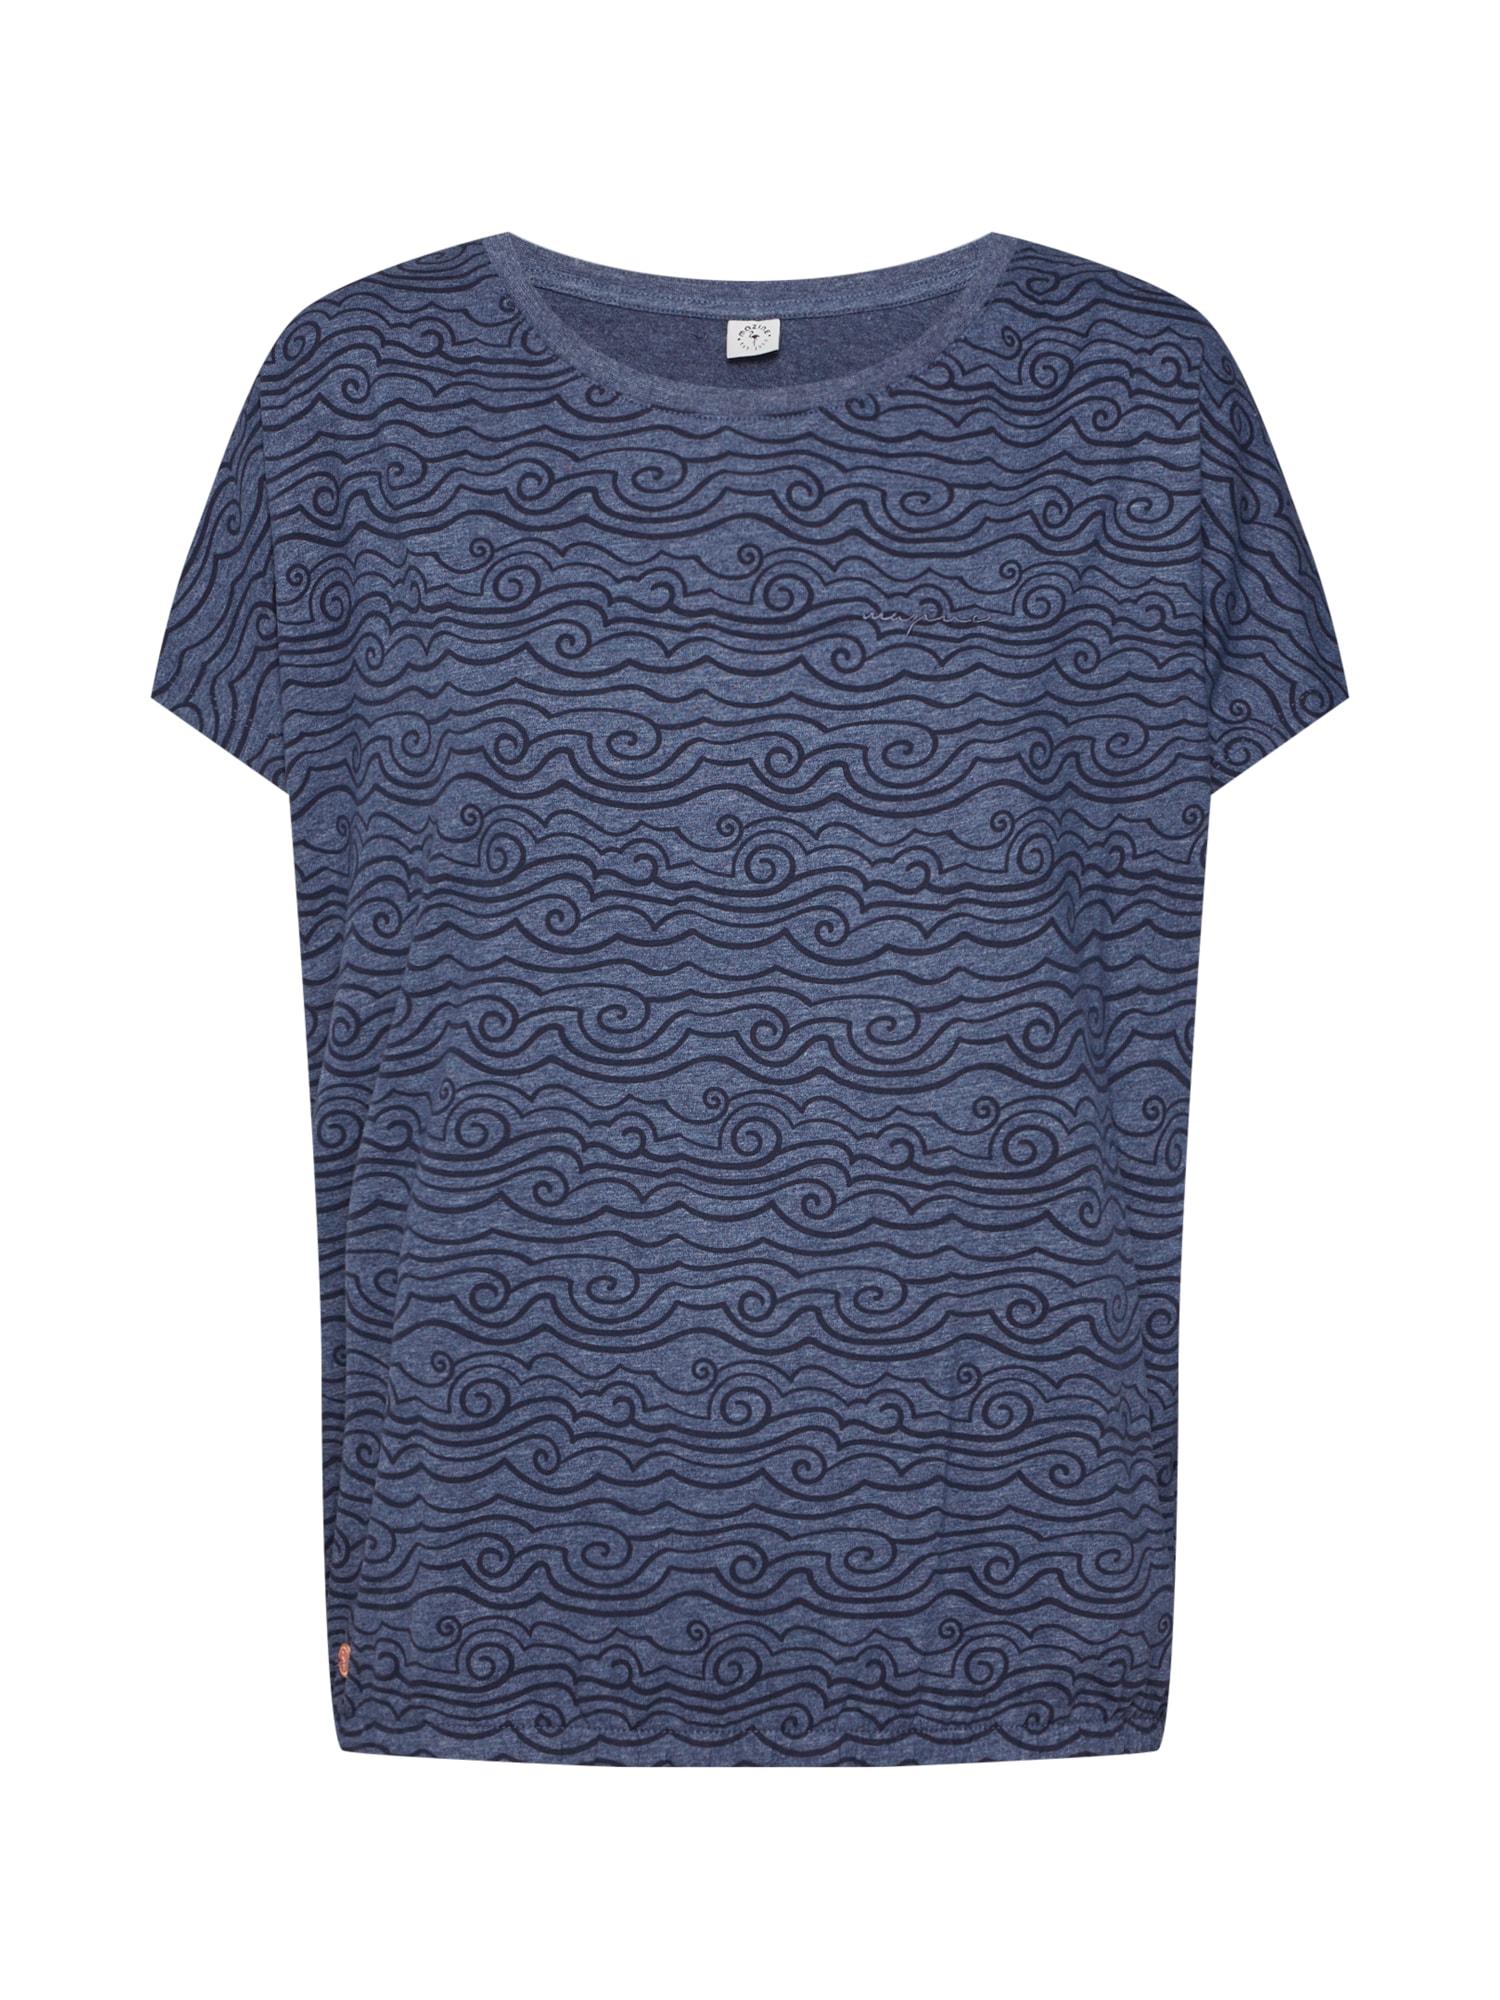 Tričko Celina T námořnická modř Mazine